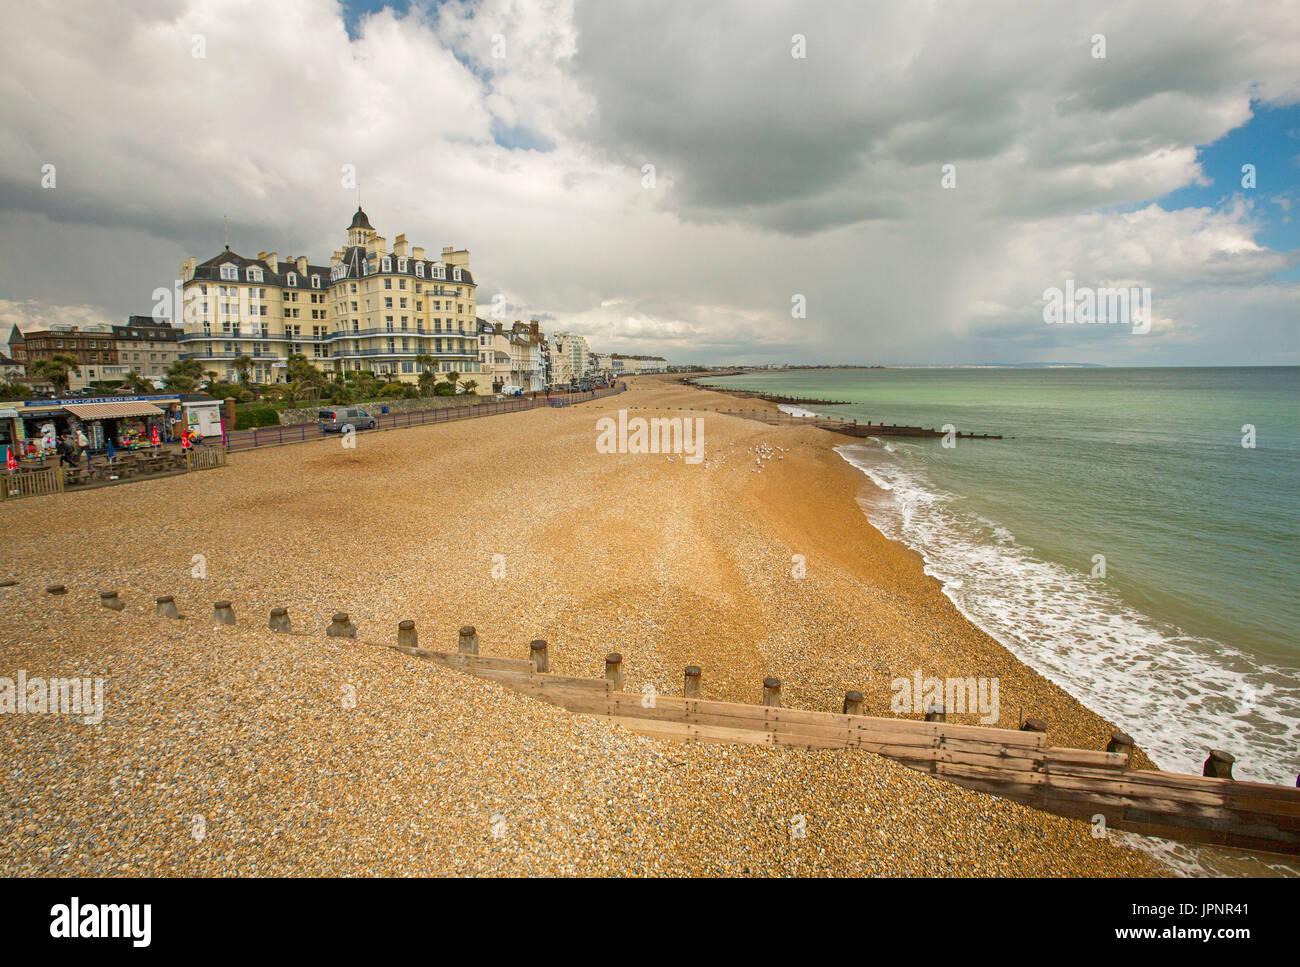 Verlassenen Strand, türkisfarbenen Wasser des Ozeans, und Reihe von Waterfront Hotels und Pensionen an Englisch Urlaubsziel von Eastbourne Stockbild